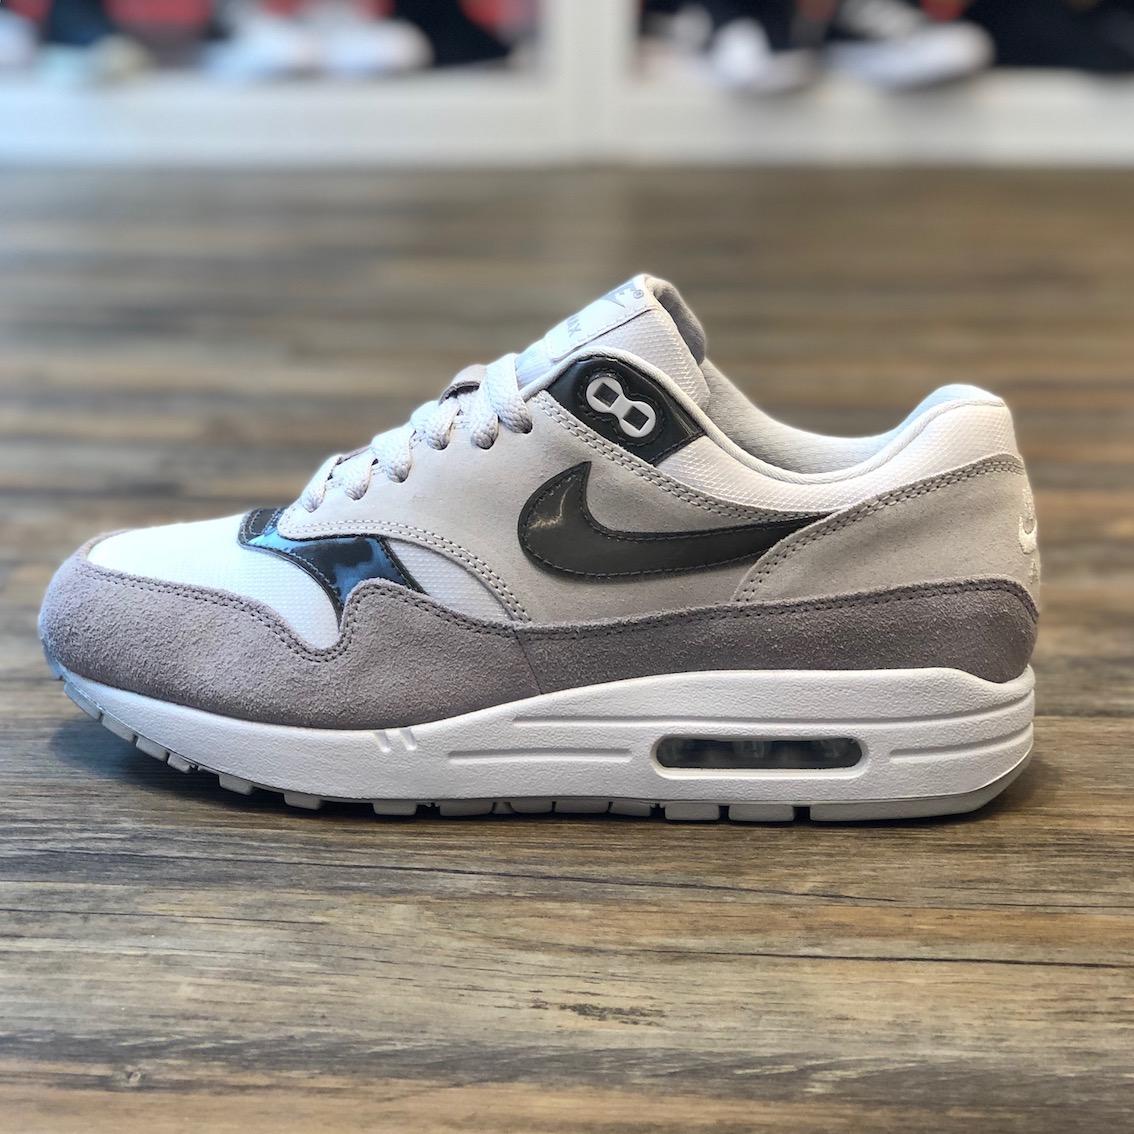 Nike Damen 849560 001 Turnschuhe, 40 EU Sneakers für